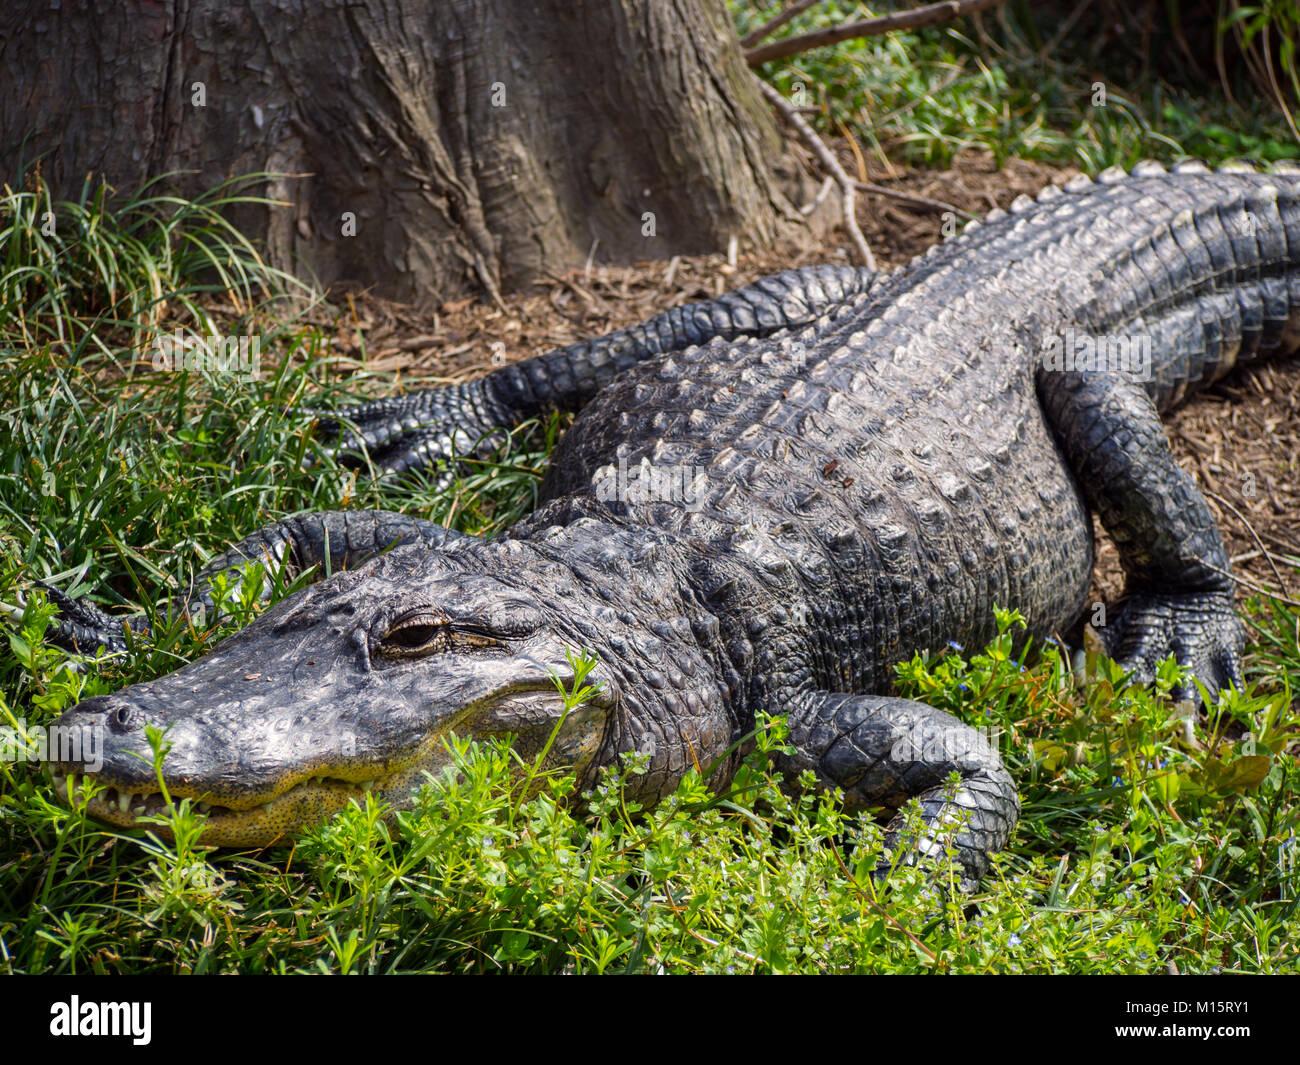 Alligator sentando en el suelo, el zoológico de animales Imagen De Stock